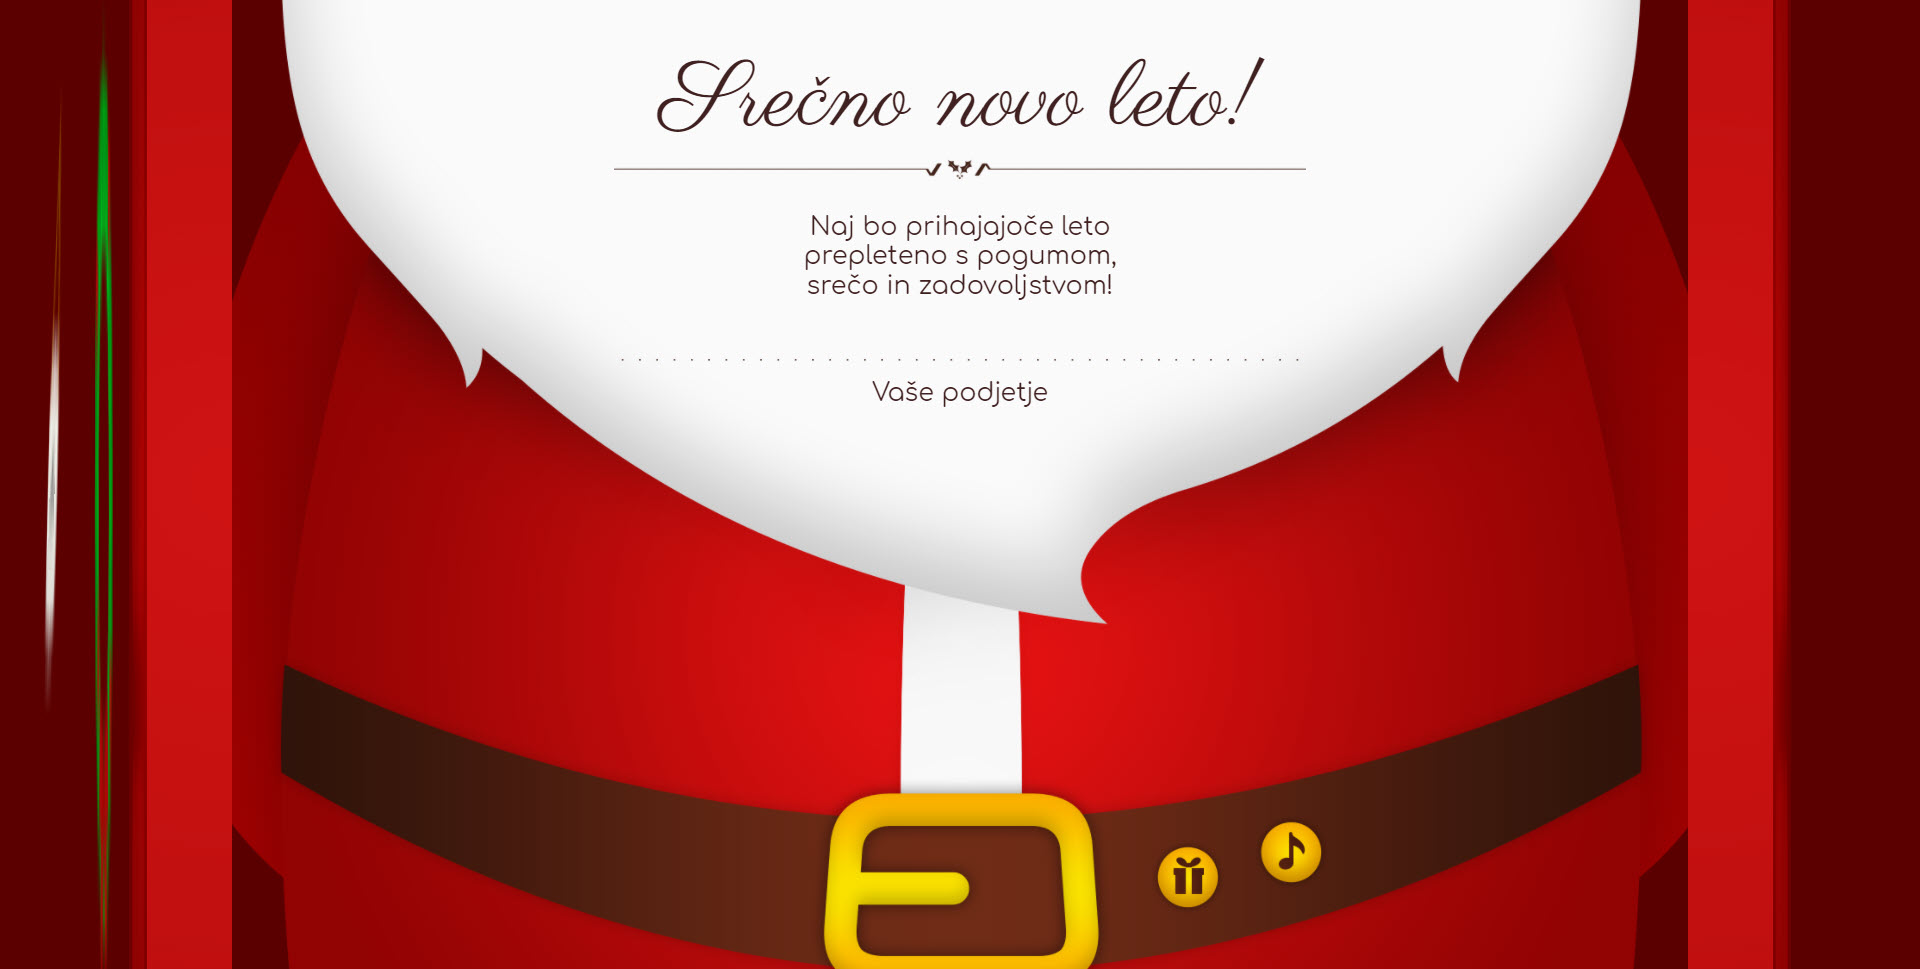 christmas card santa claus open the door version red - Naročilo voščilnice